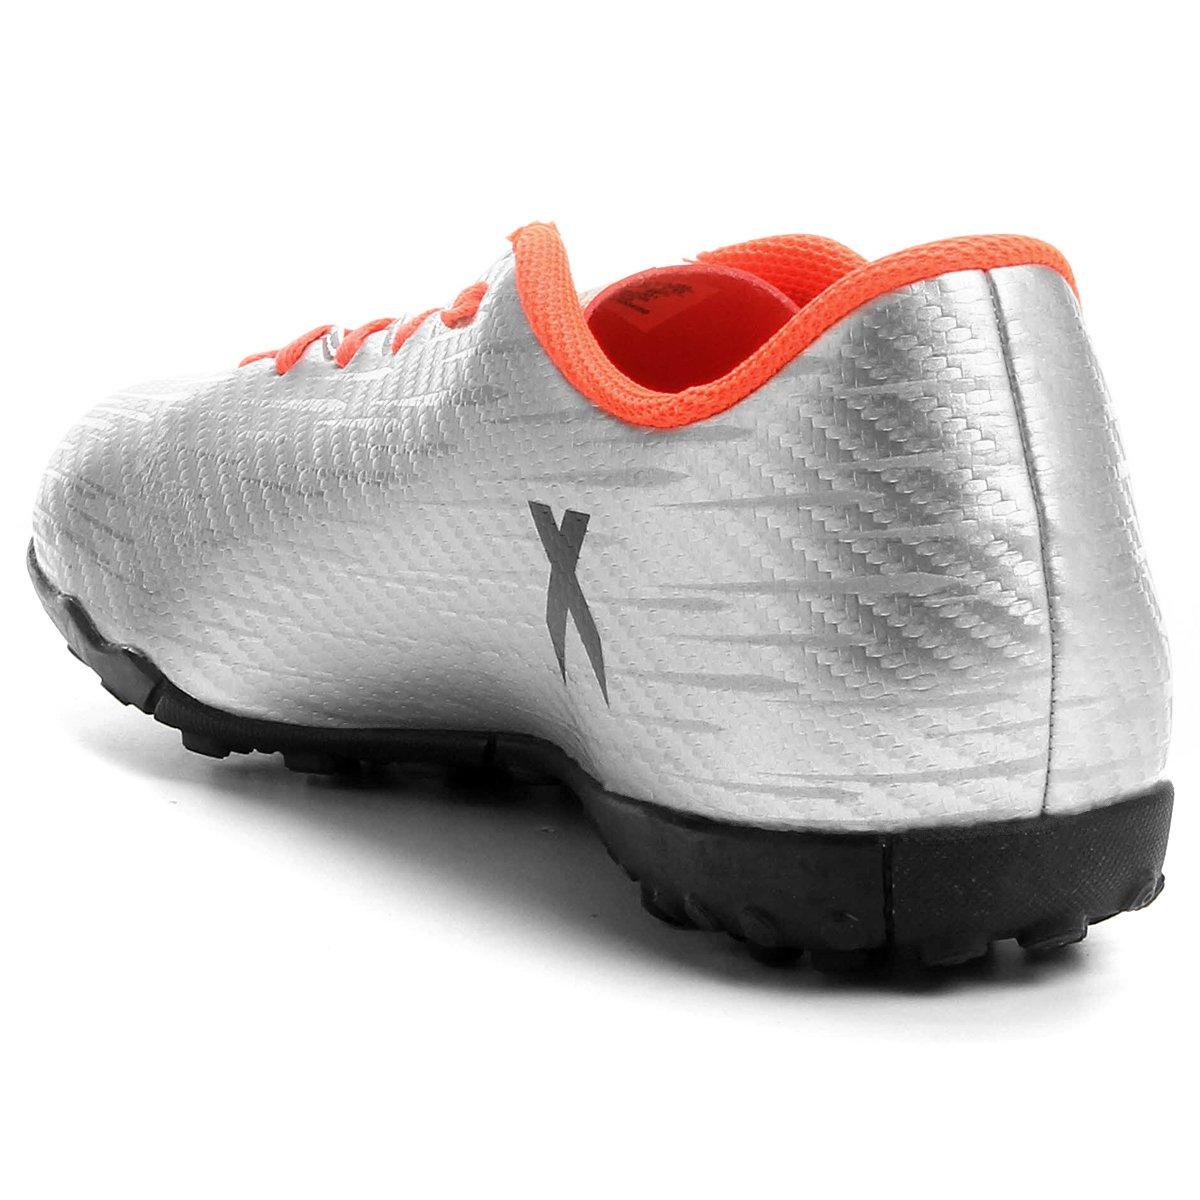 Chuteira Adidas X 16.4 TF Society - Compre Agora  3c0d2f2601753